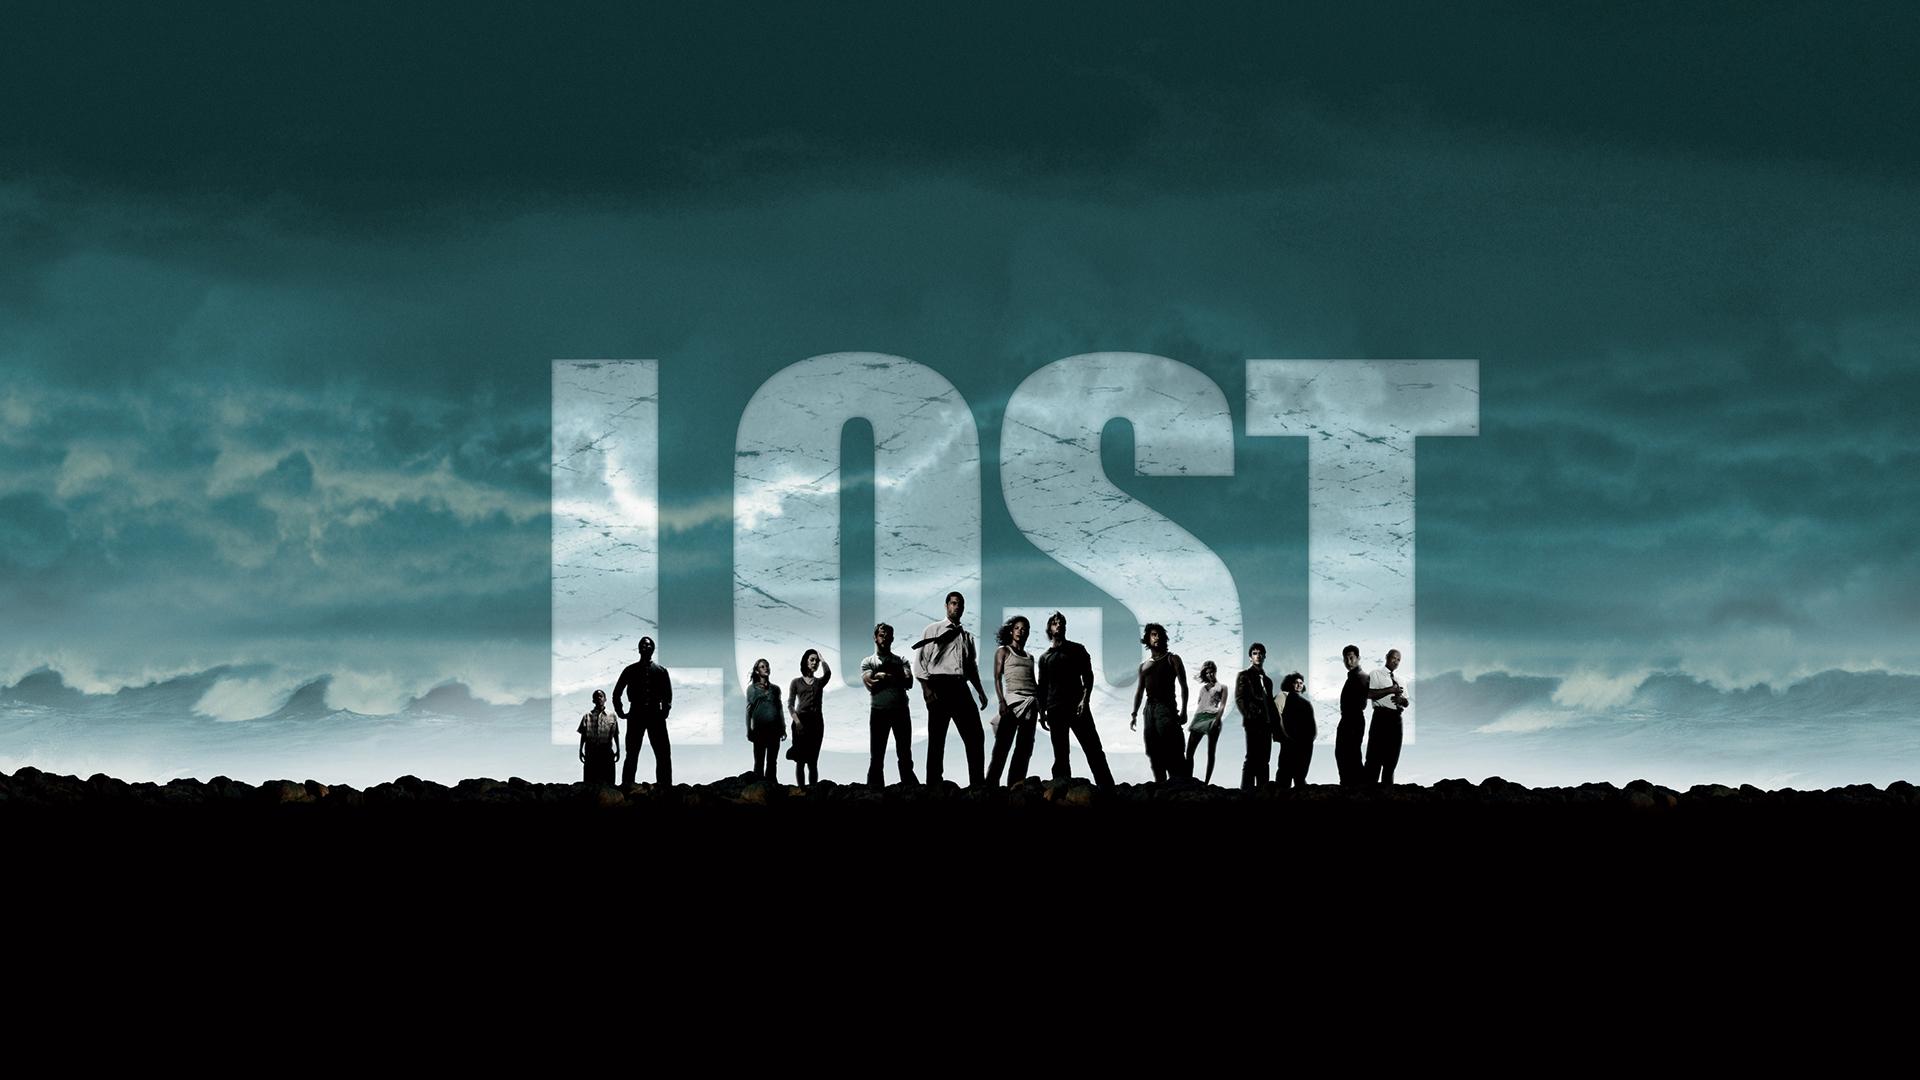 Lost kommer till Viaplay